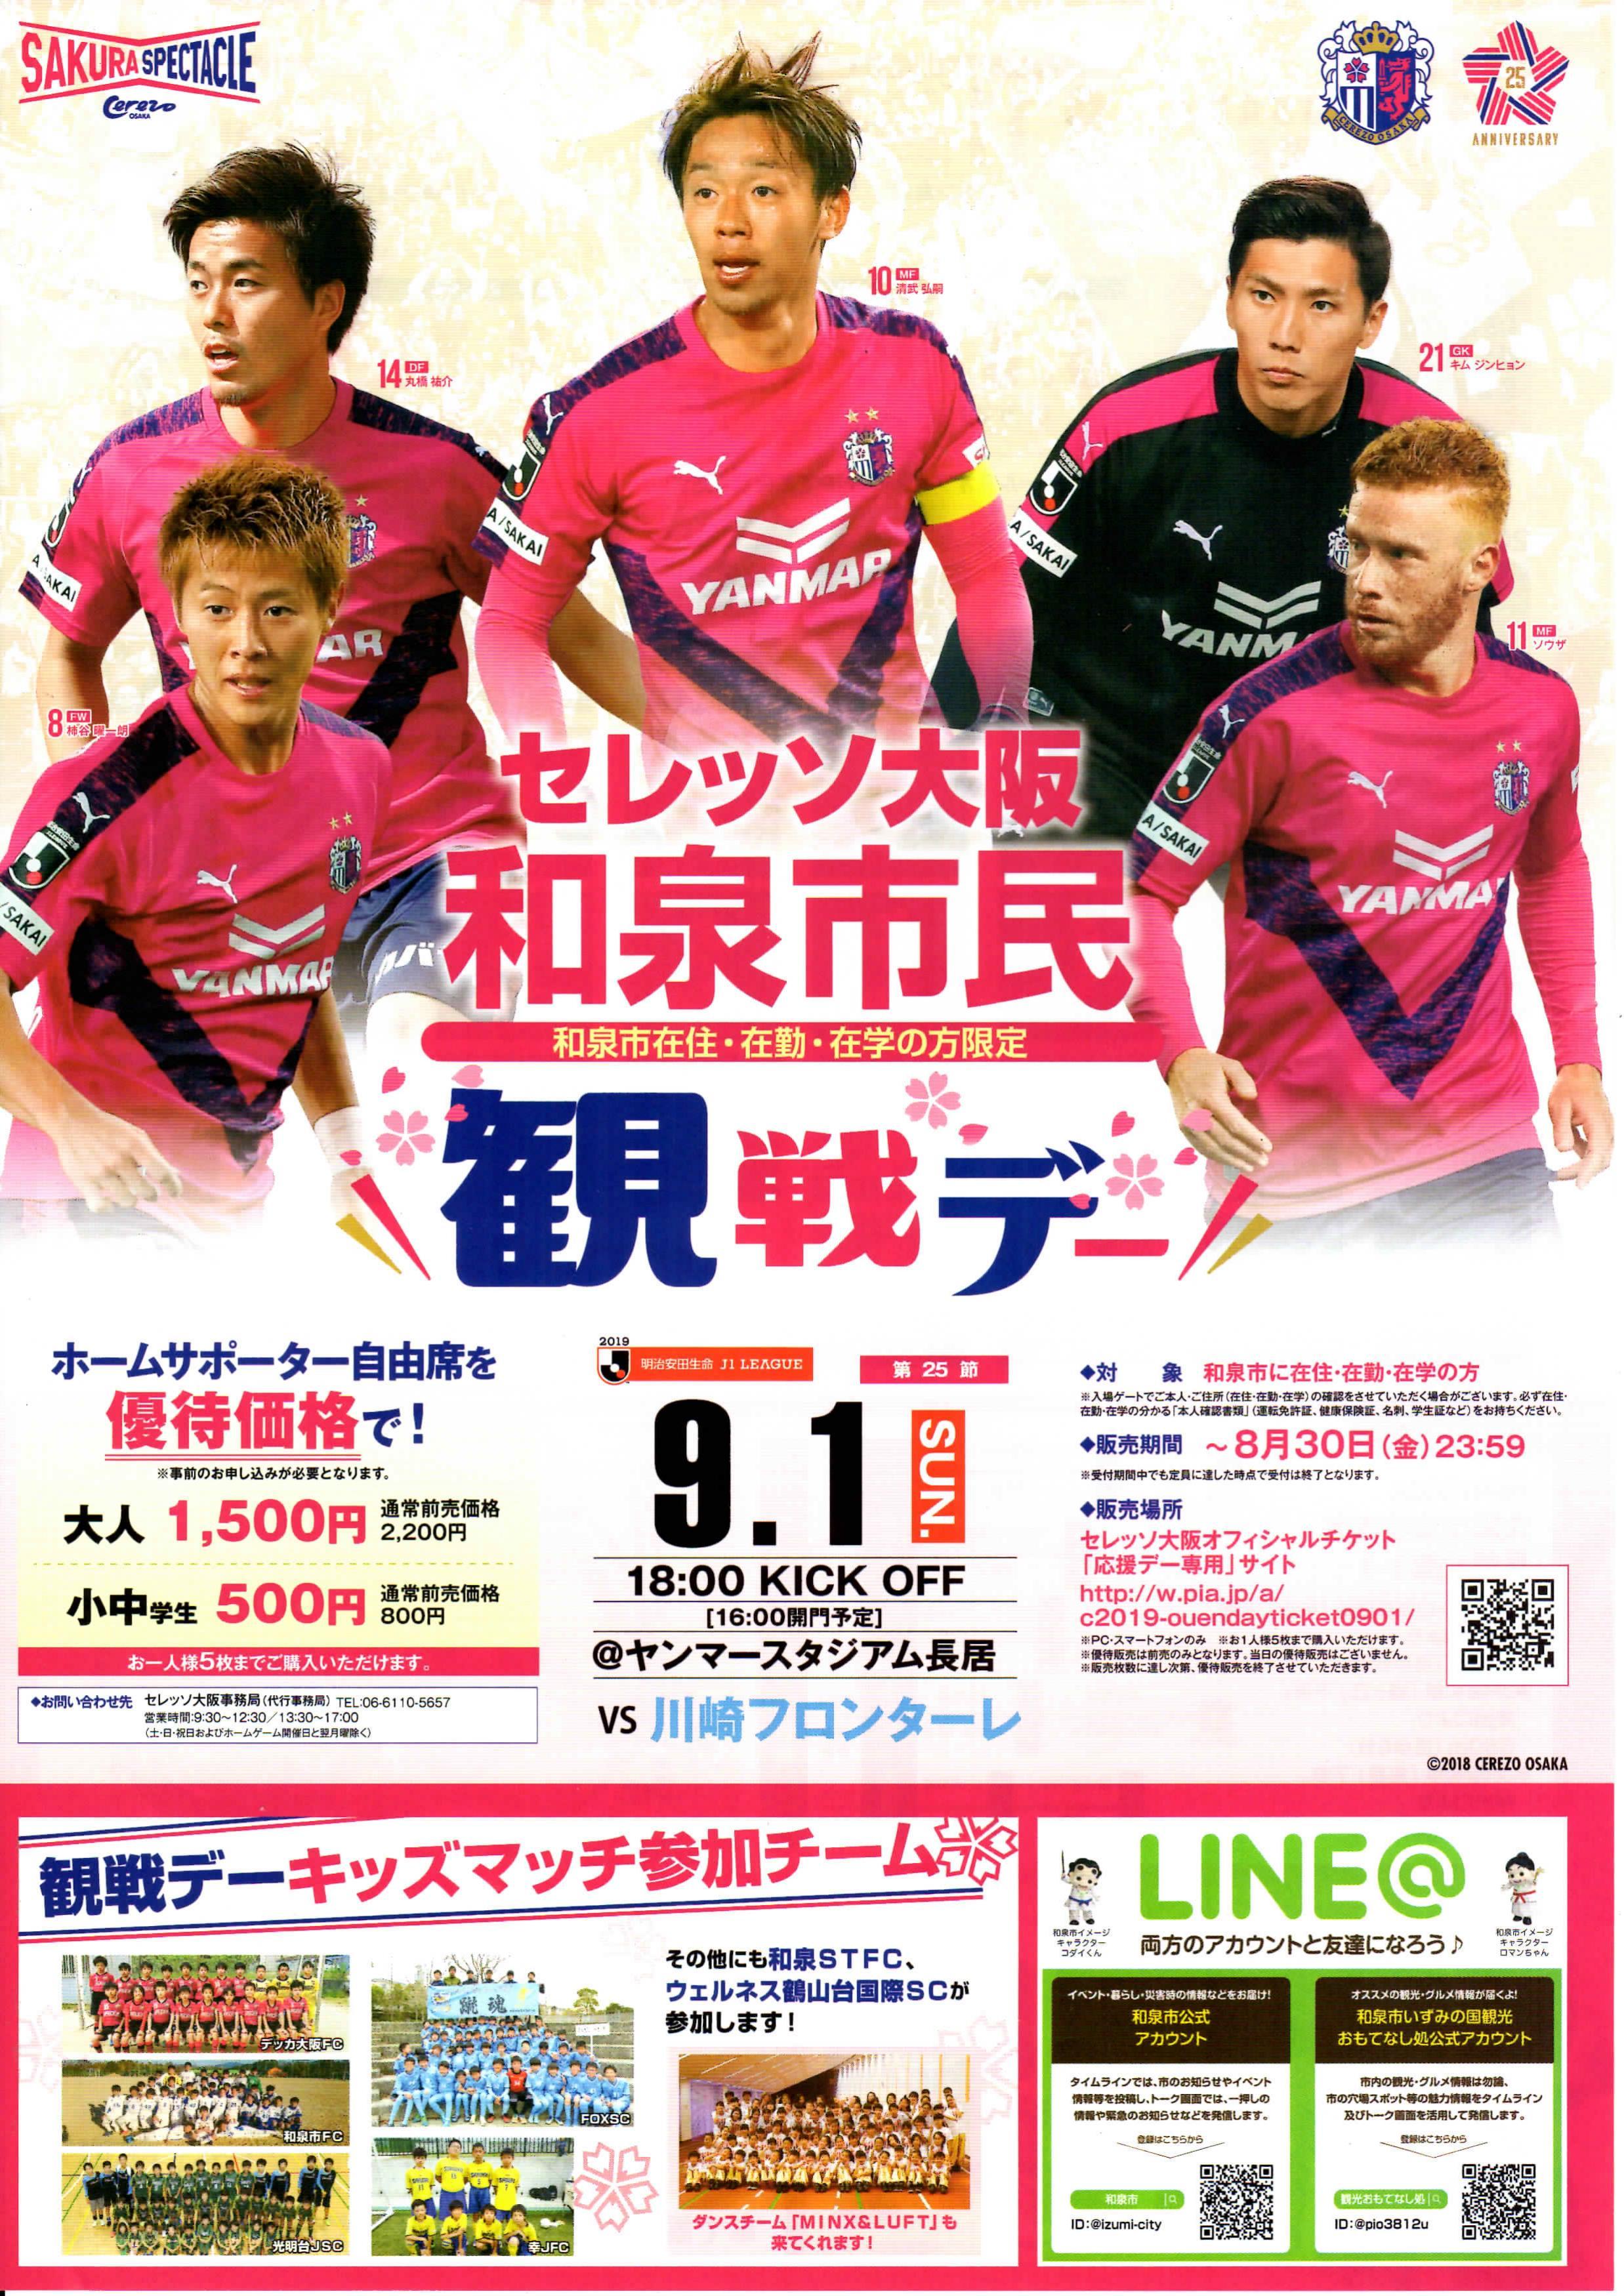 【終了】令和元年度9月1日(日)セレッソ大阪和泉市民観戦デーを開催します!